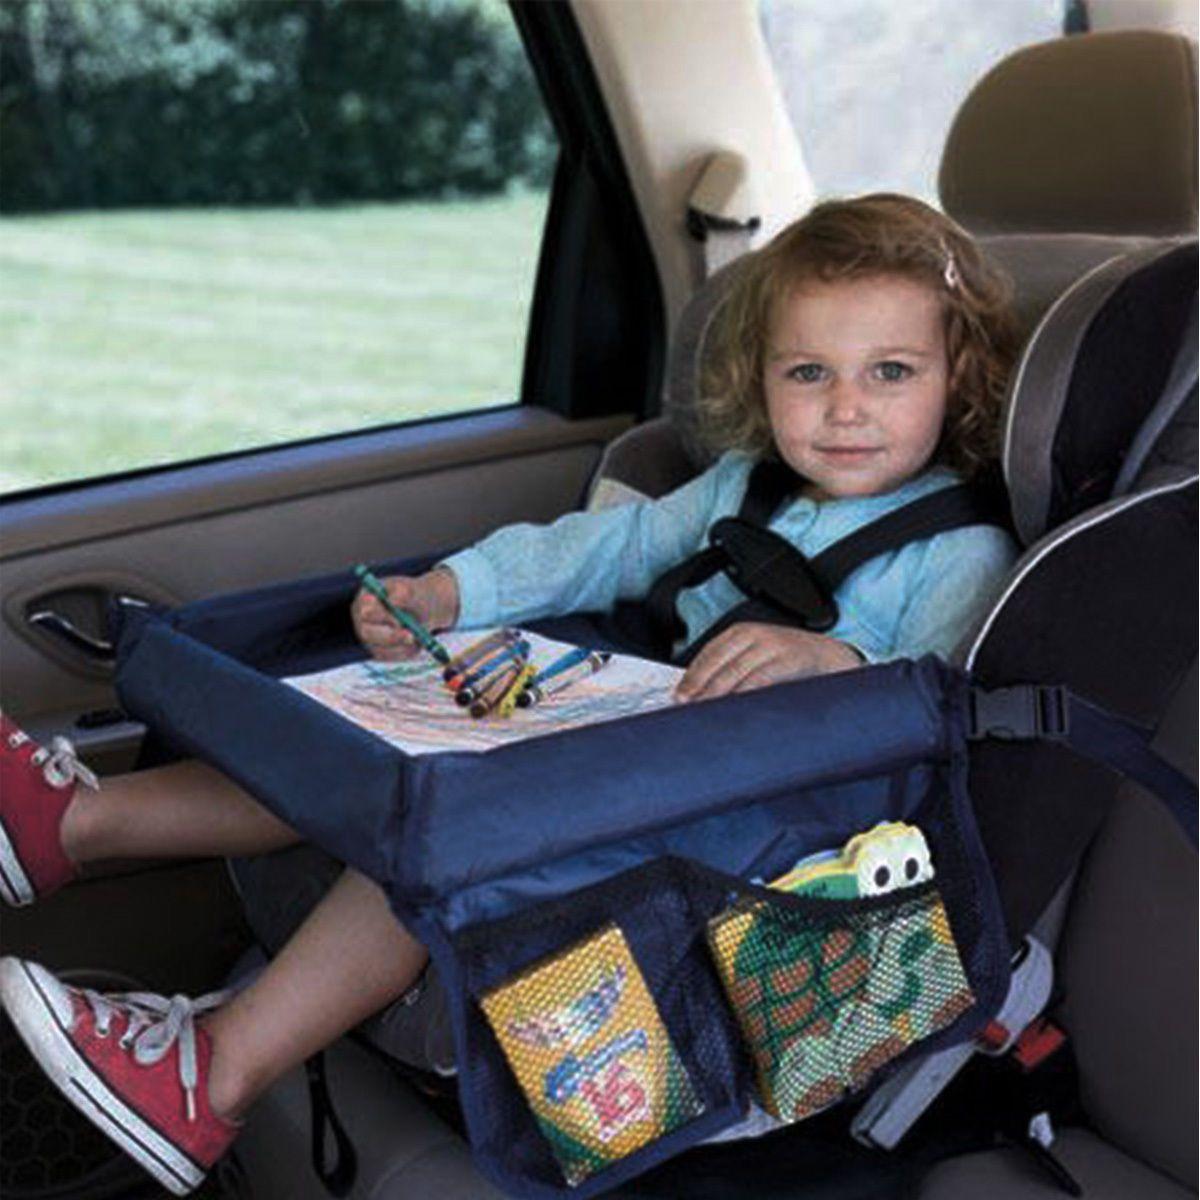 Jouer Snack Siège Auto Enfant Bébé Plateau Plaque Dessin destiné Jouet Pour Voiture Bébé